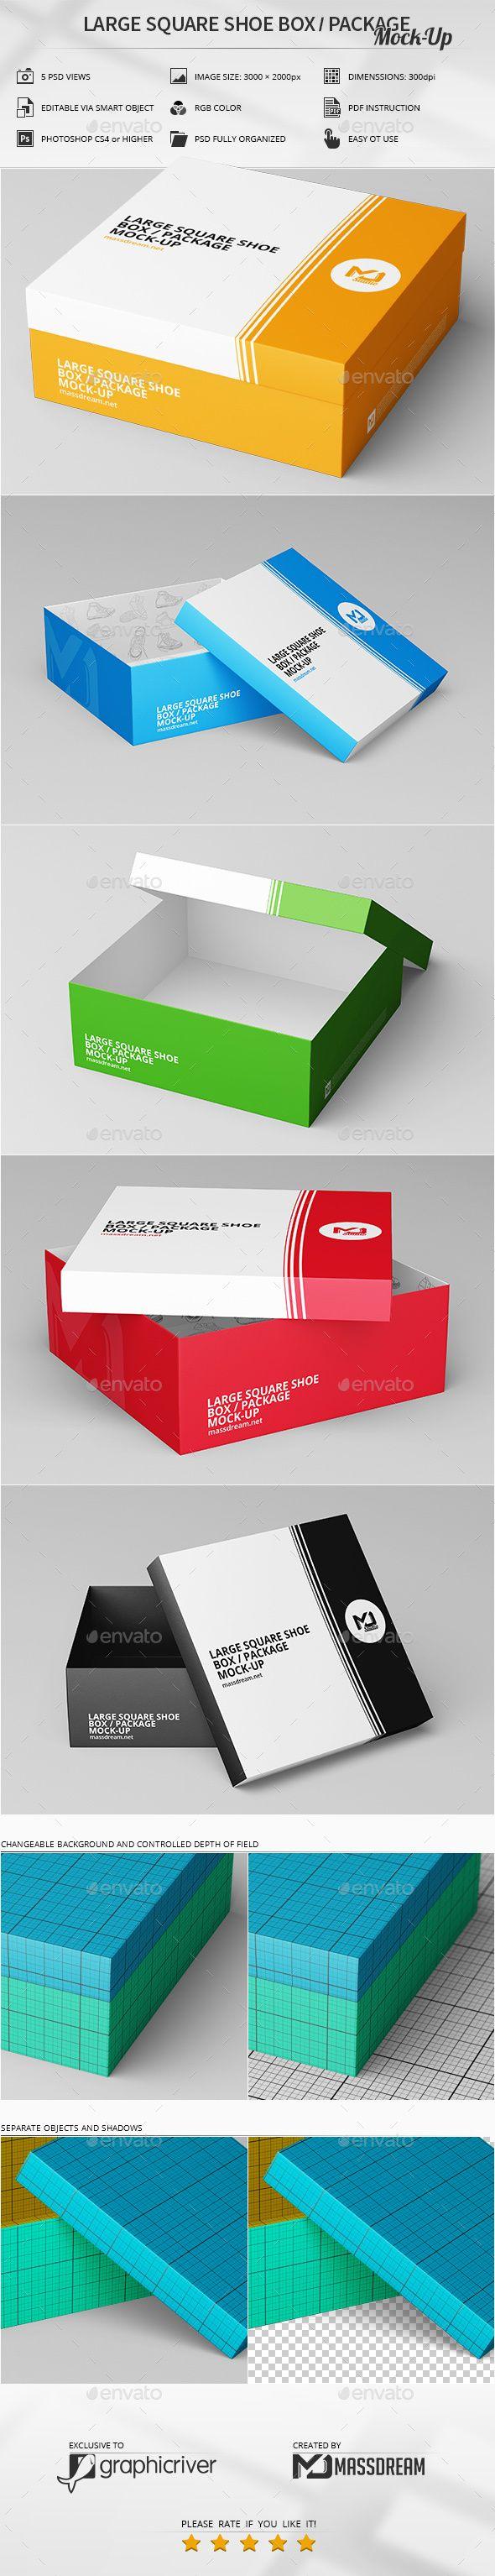 Download 150 Packaking Mockups Ideas Packaging Mockup Mockup Box Mockup